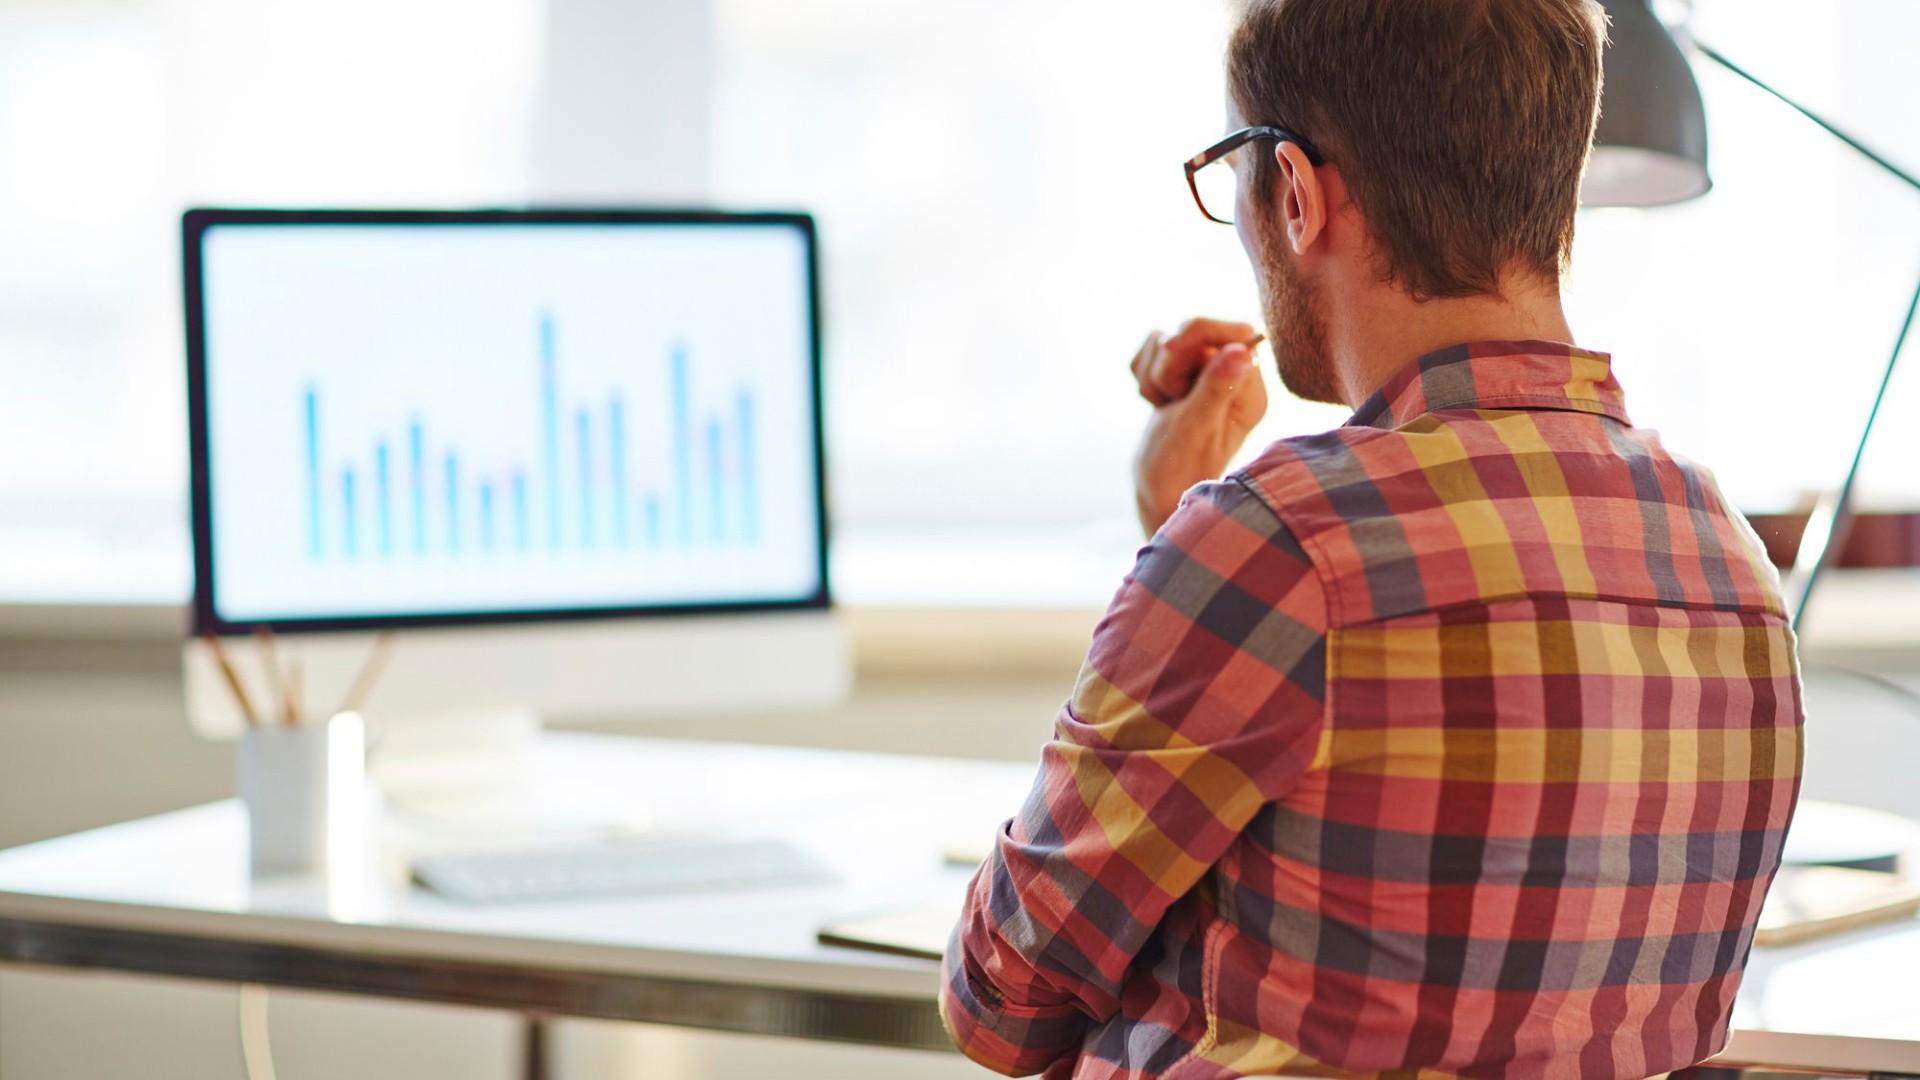 000 asesoría fiscal laboral contable mercantil gestoría  (3)